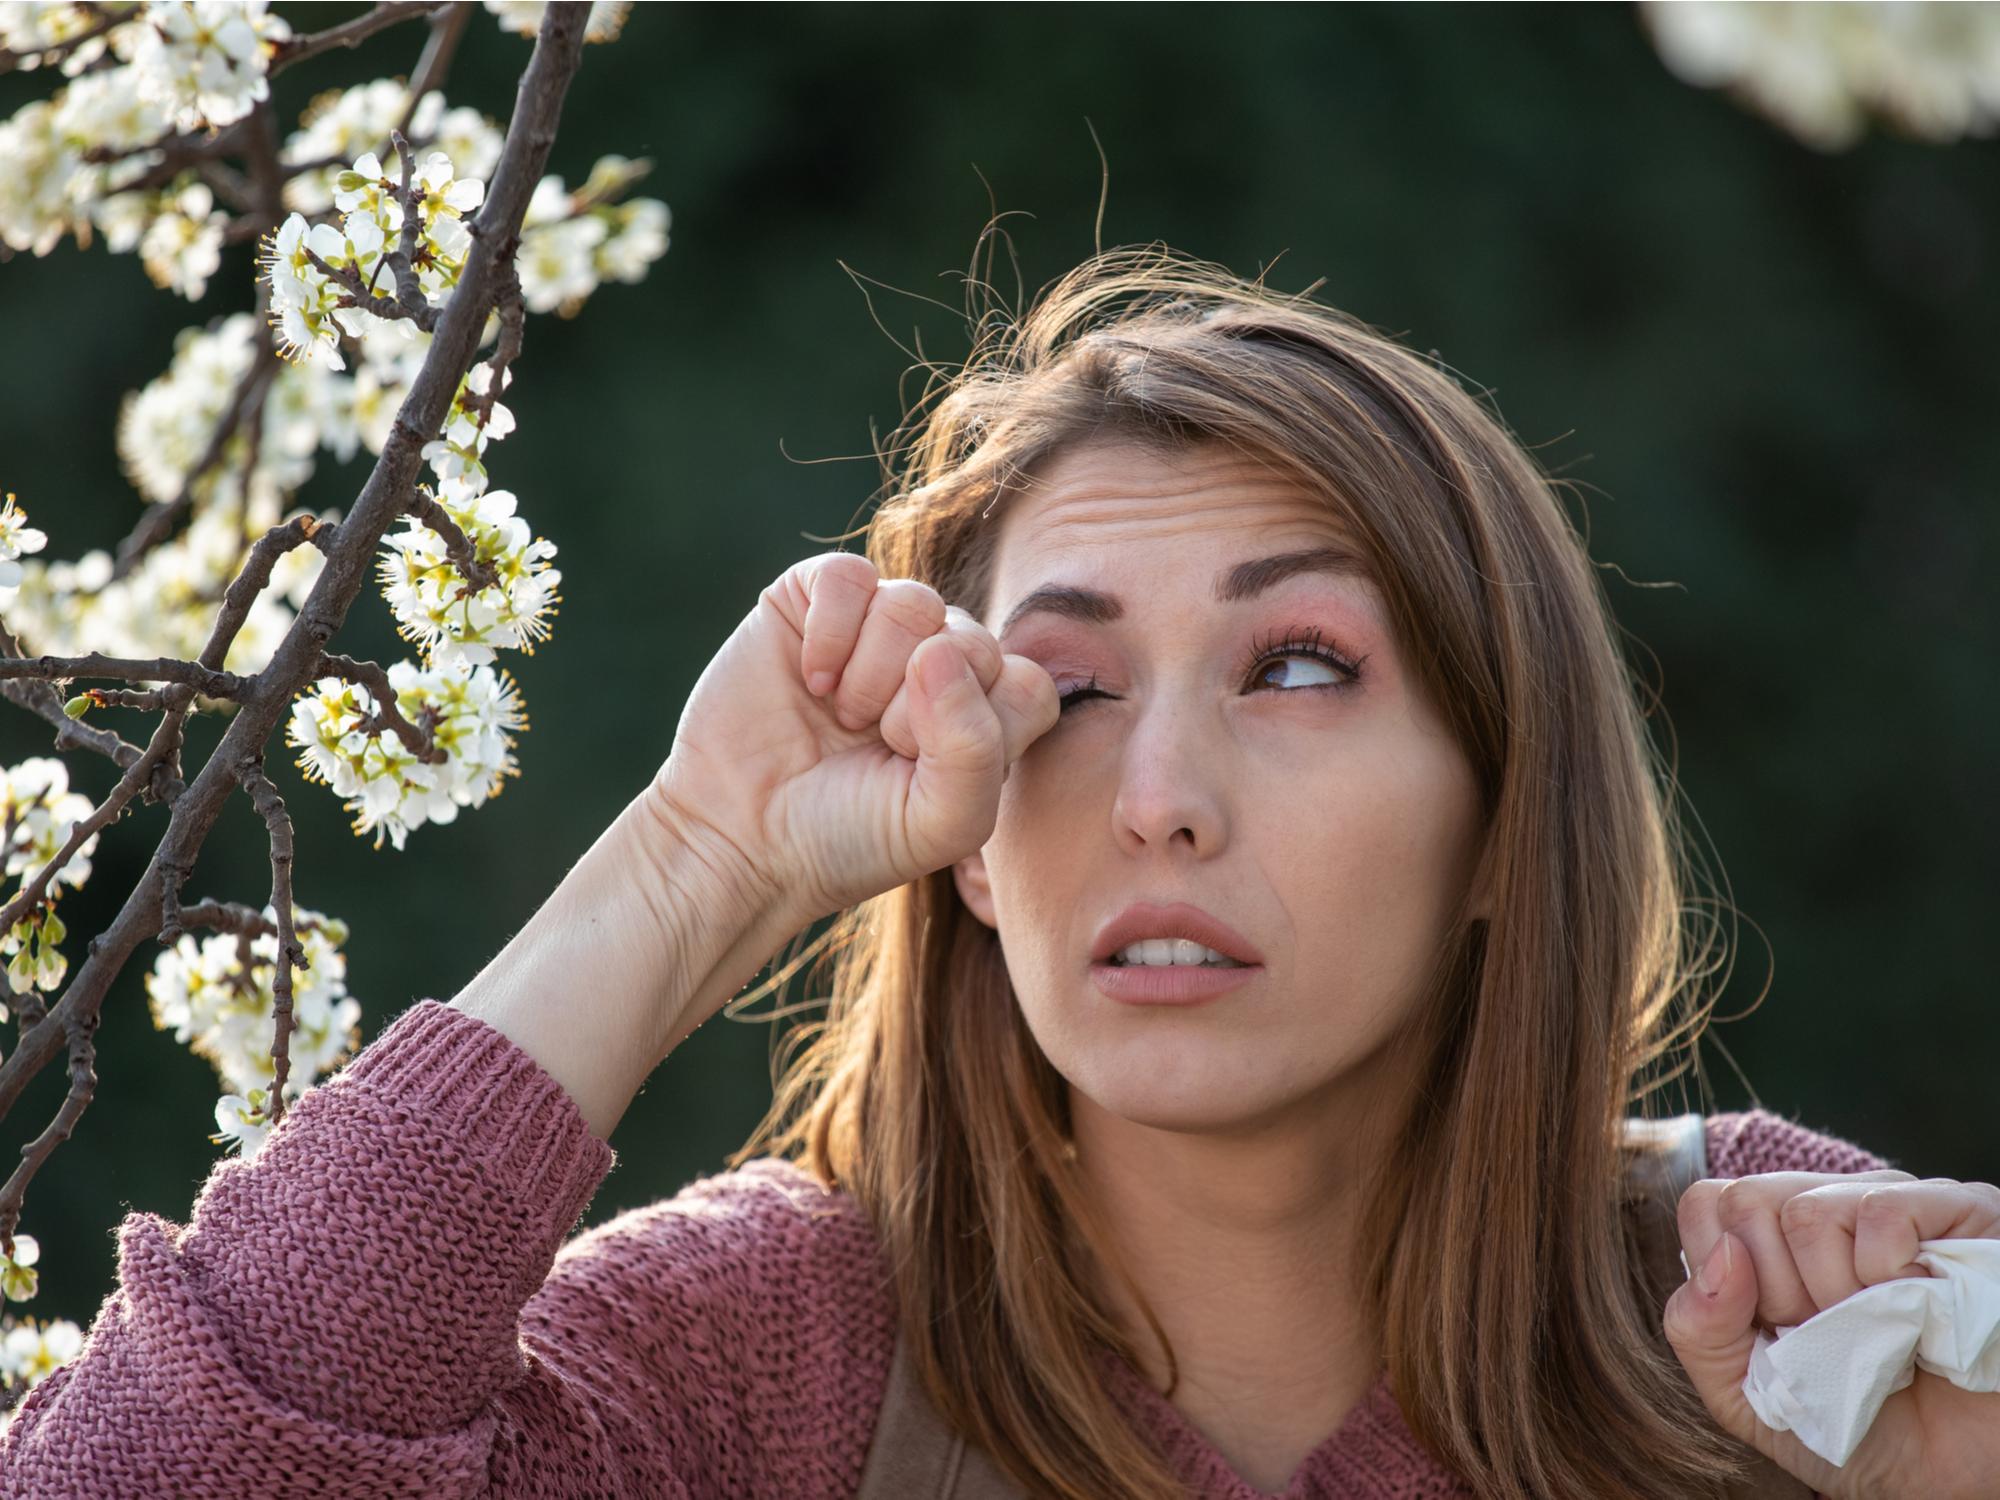 Symptoms of Dry Eyes vs. Seasonal Allergies